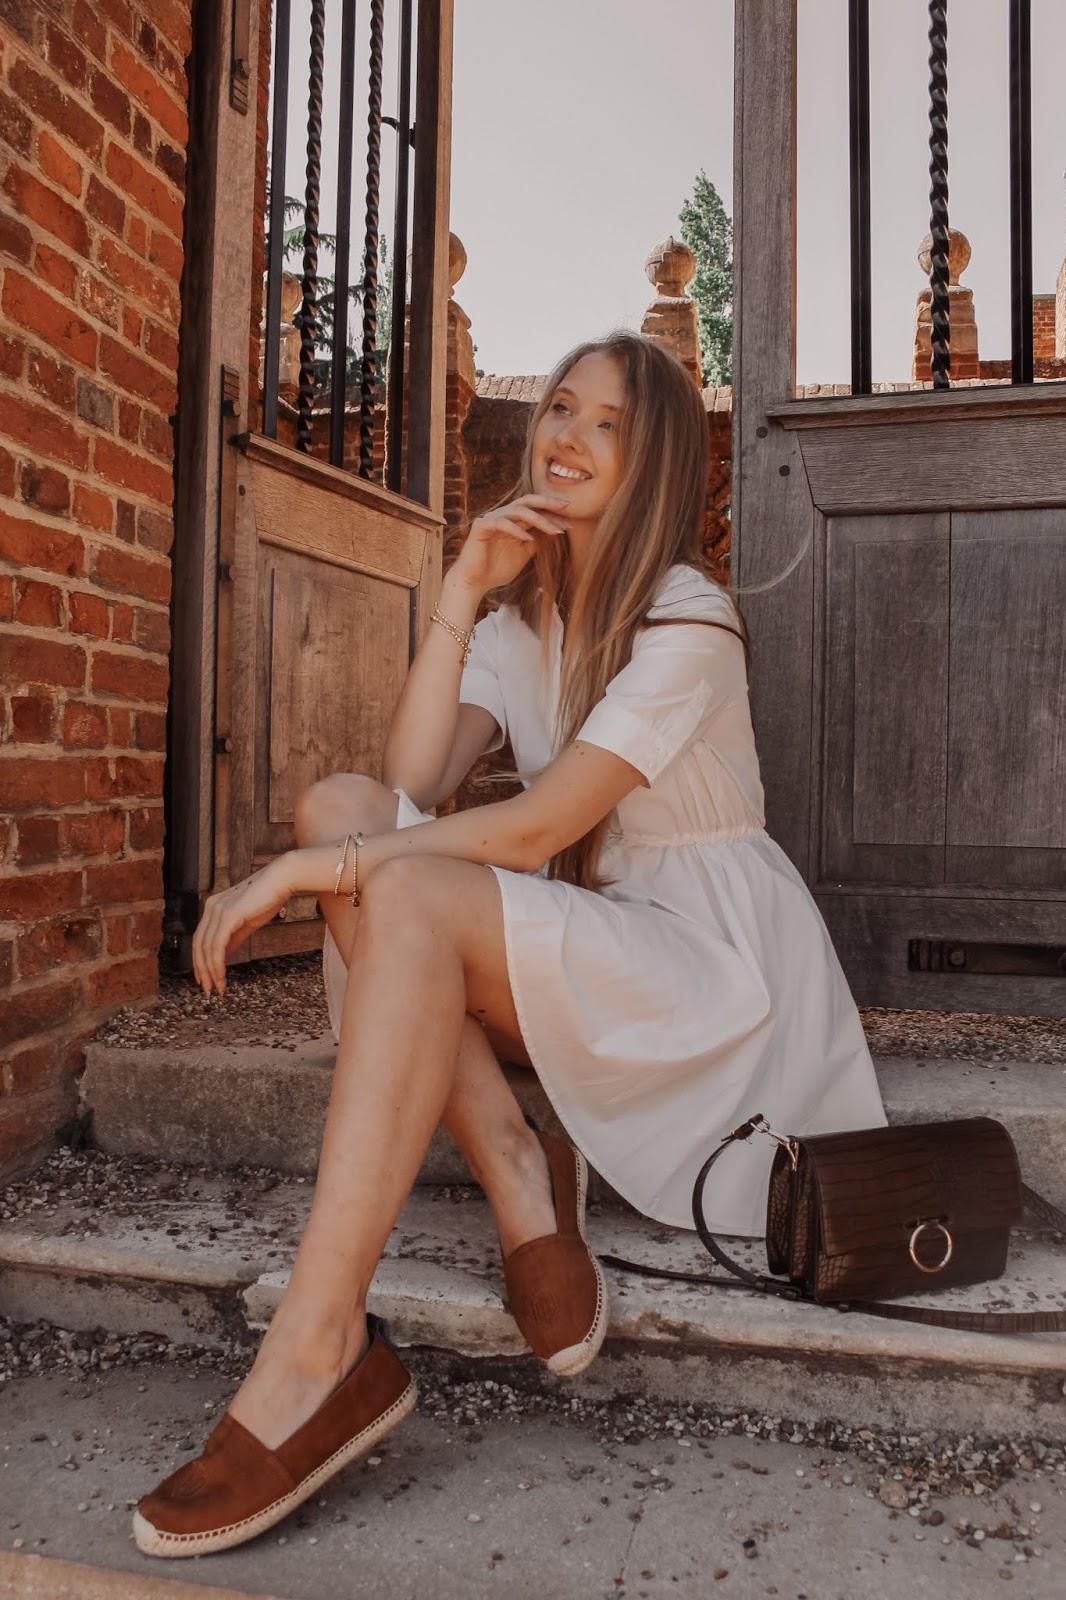 Fairfax & Favor London Fashion Blog Collaboration